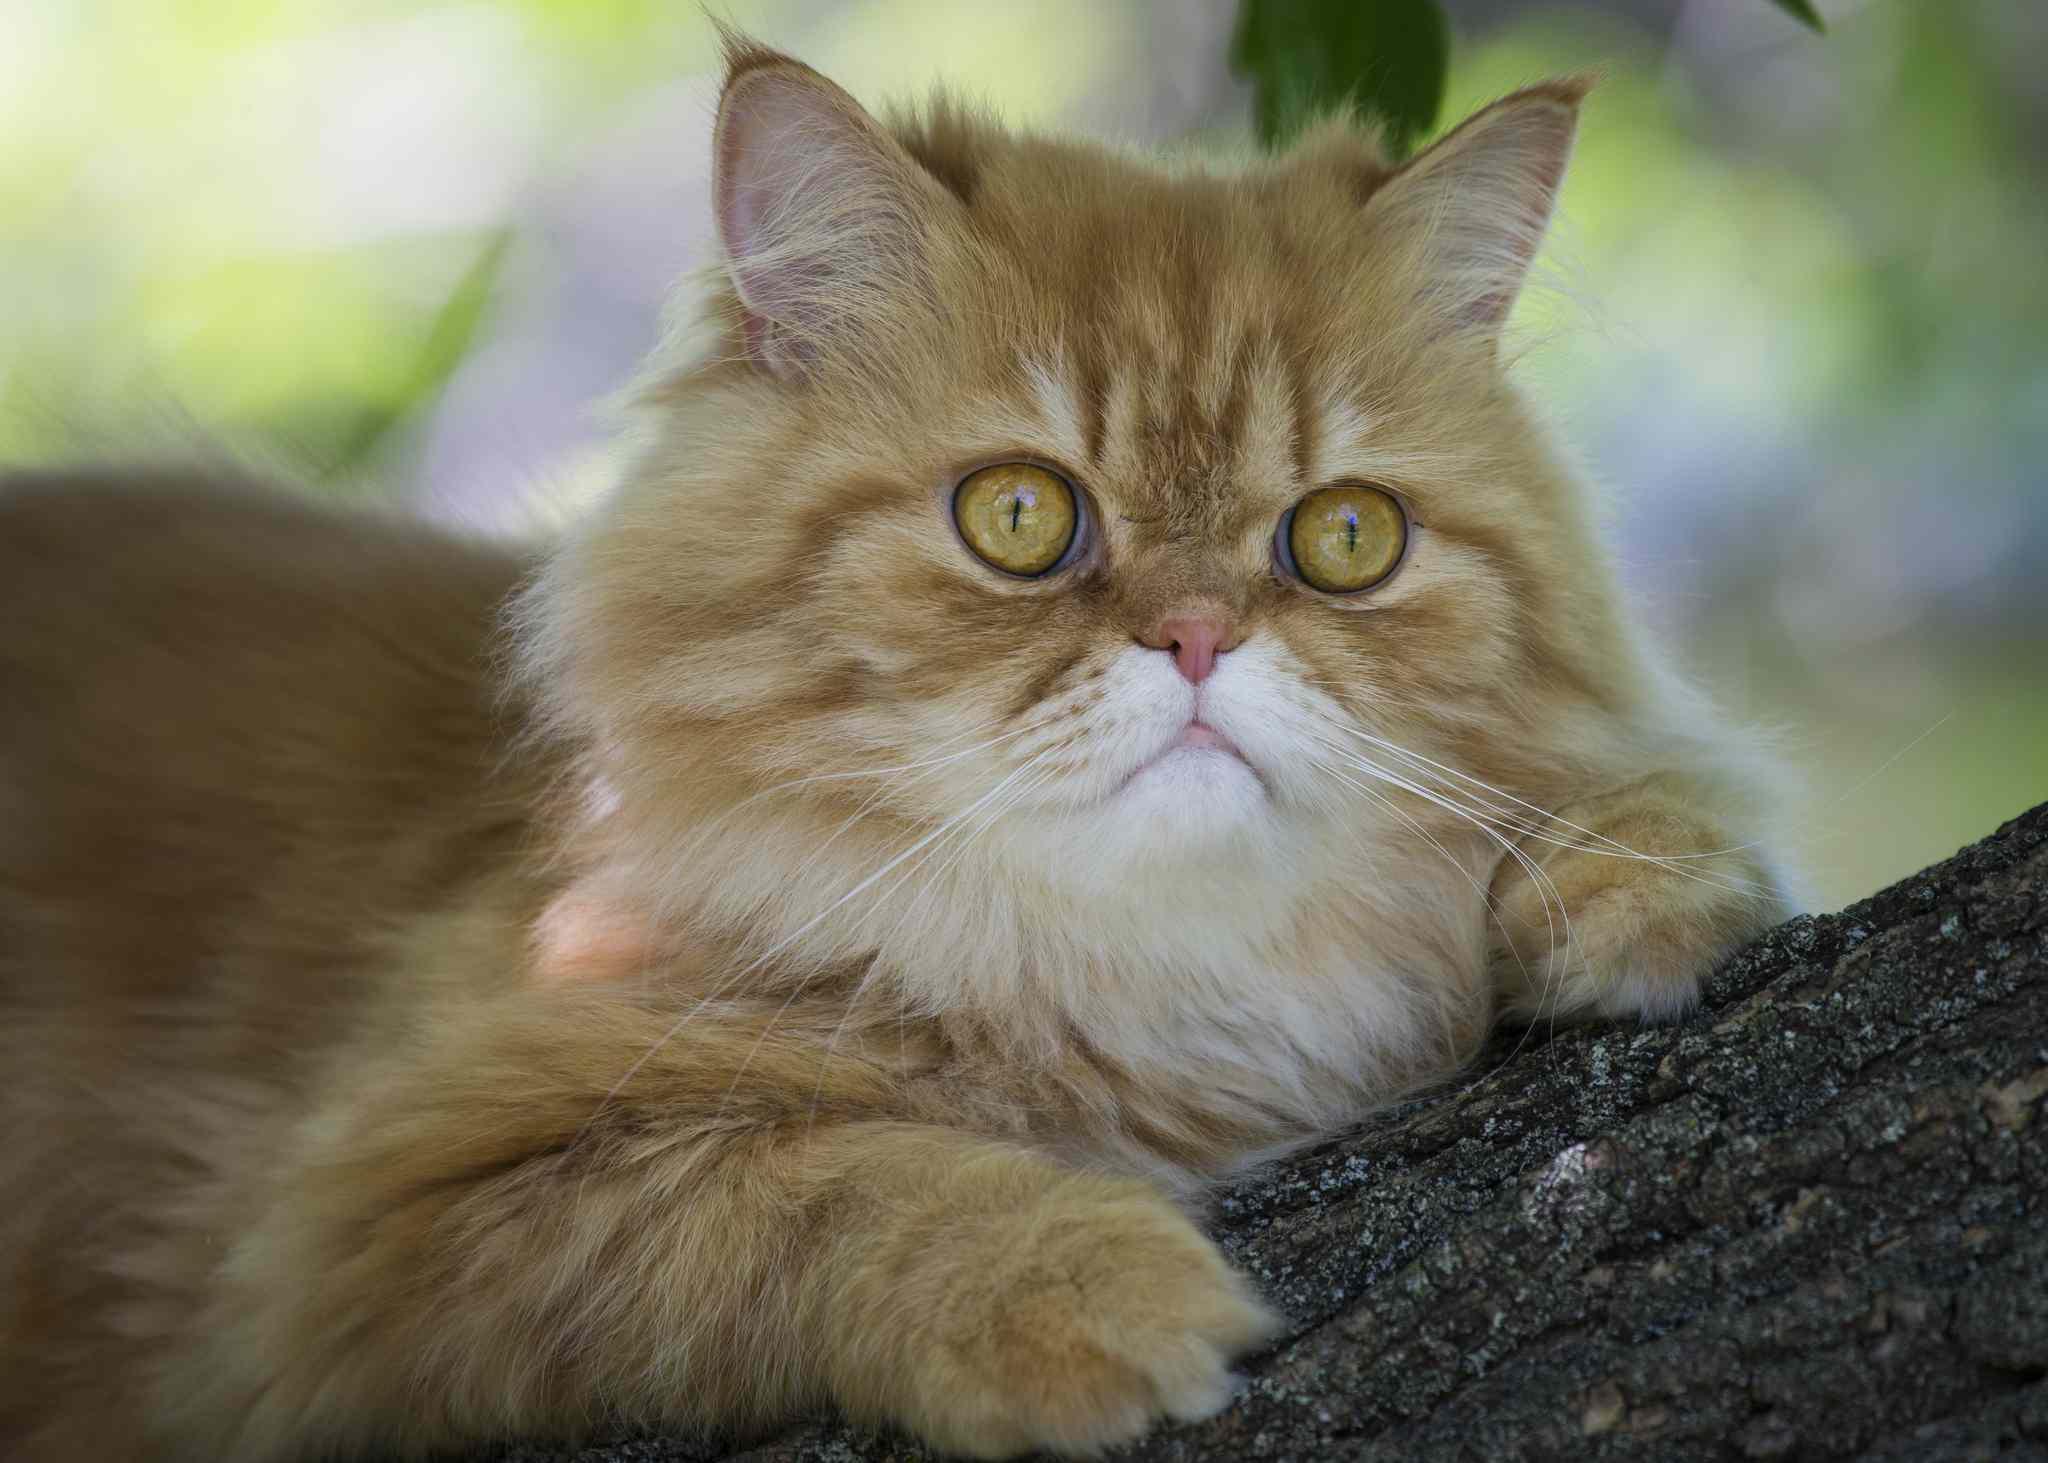 Gato persa Tabby naranja en árbol